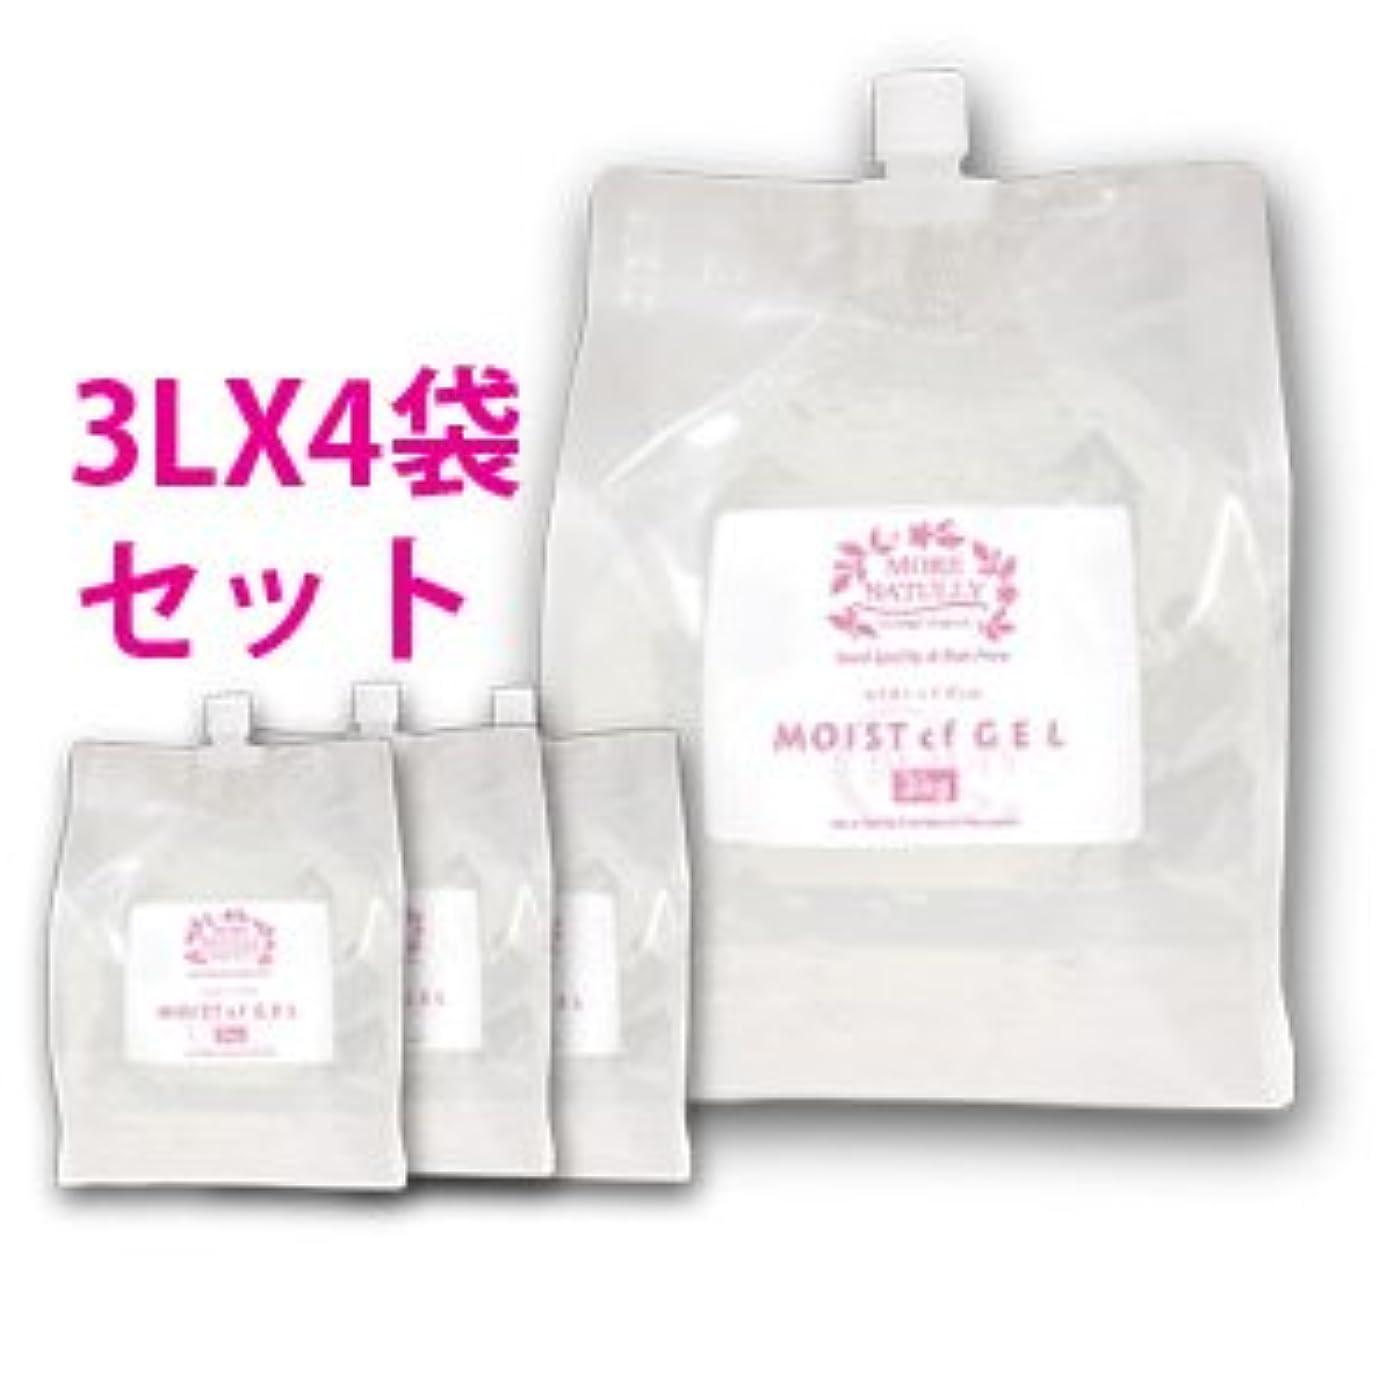 ストラップ隙間民主主義モアナチュリー モイストcfジェル 4袋セット 3kg×4袋